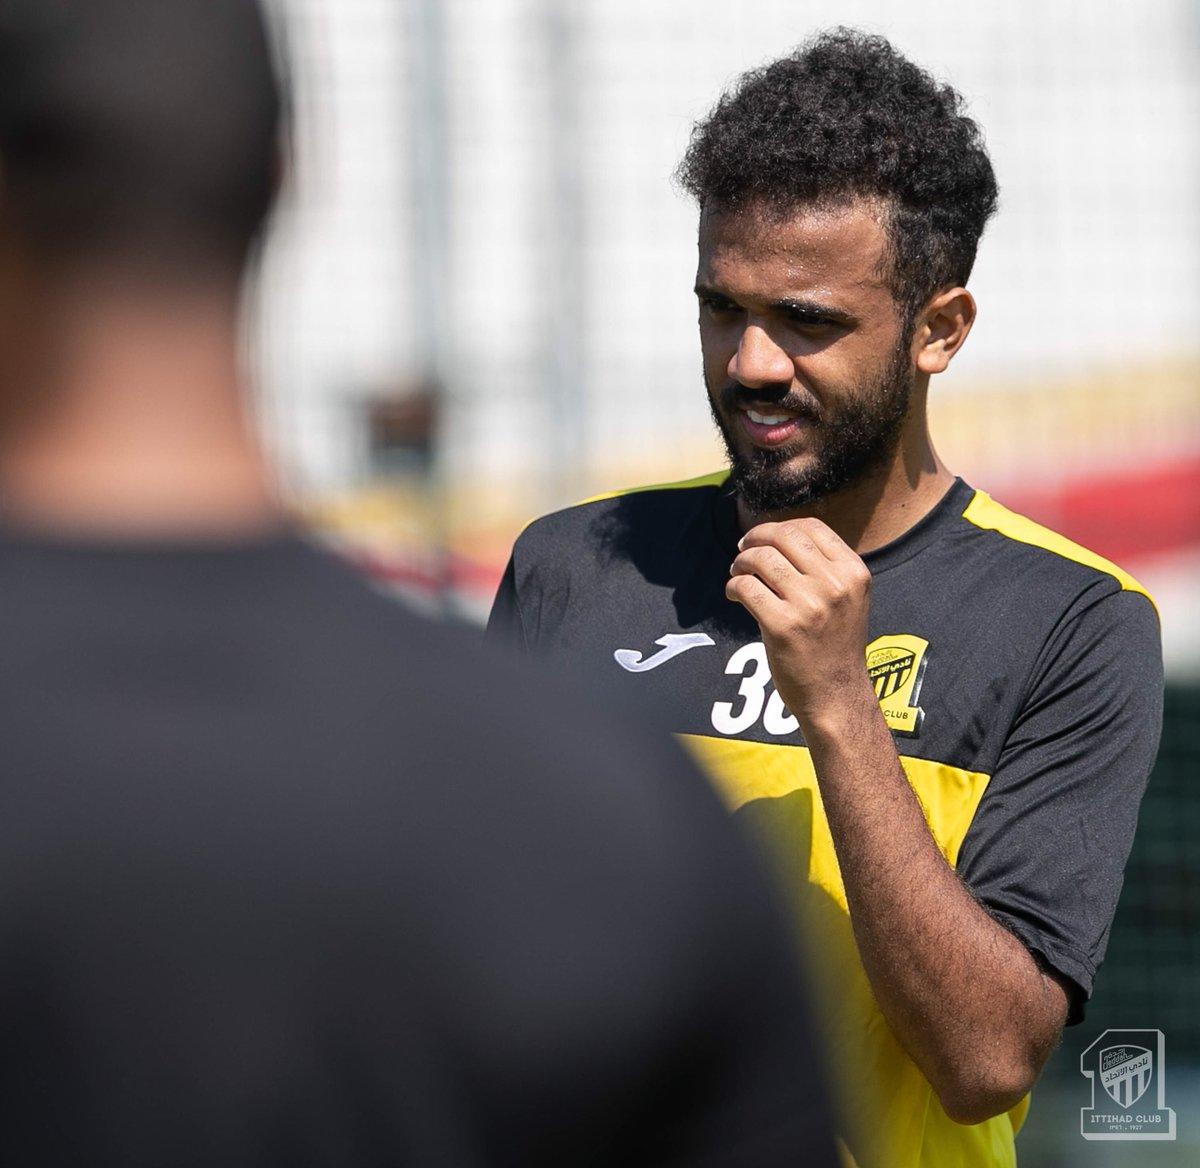 المركز الإعلامي تقريرالنمور اليوم / ٣ اغسطس التدريب الصباحي والمسائي